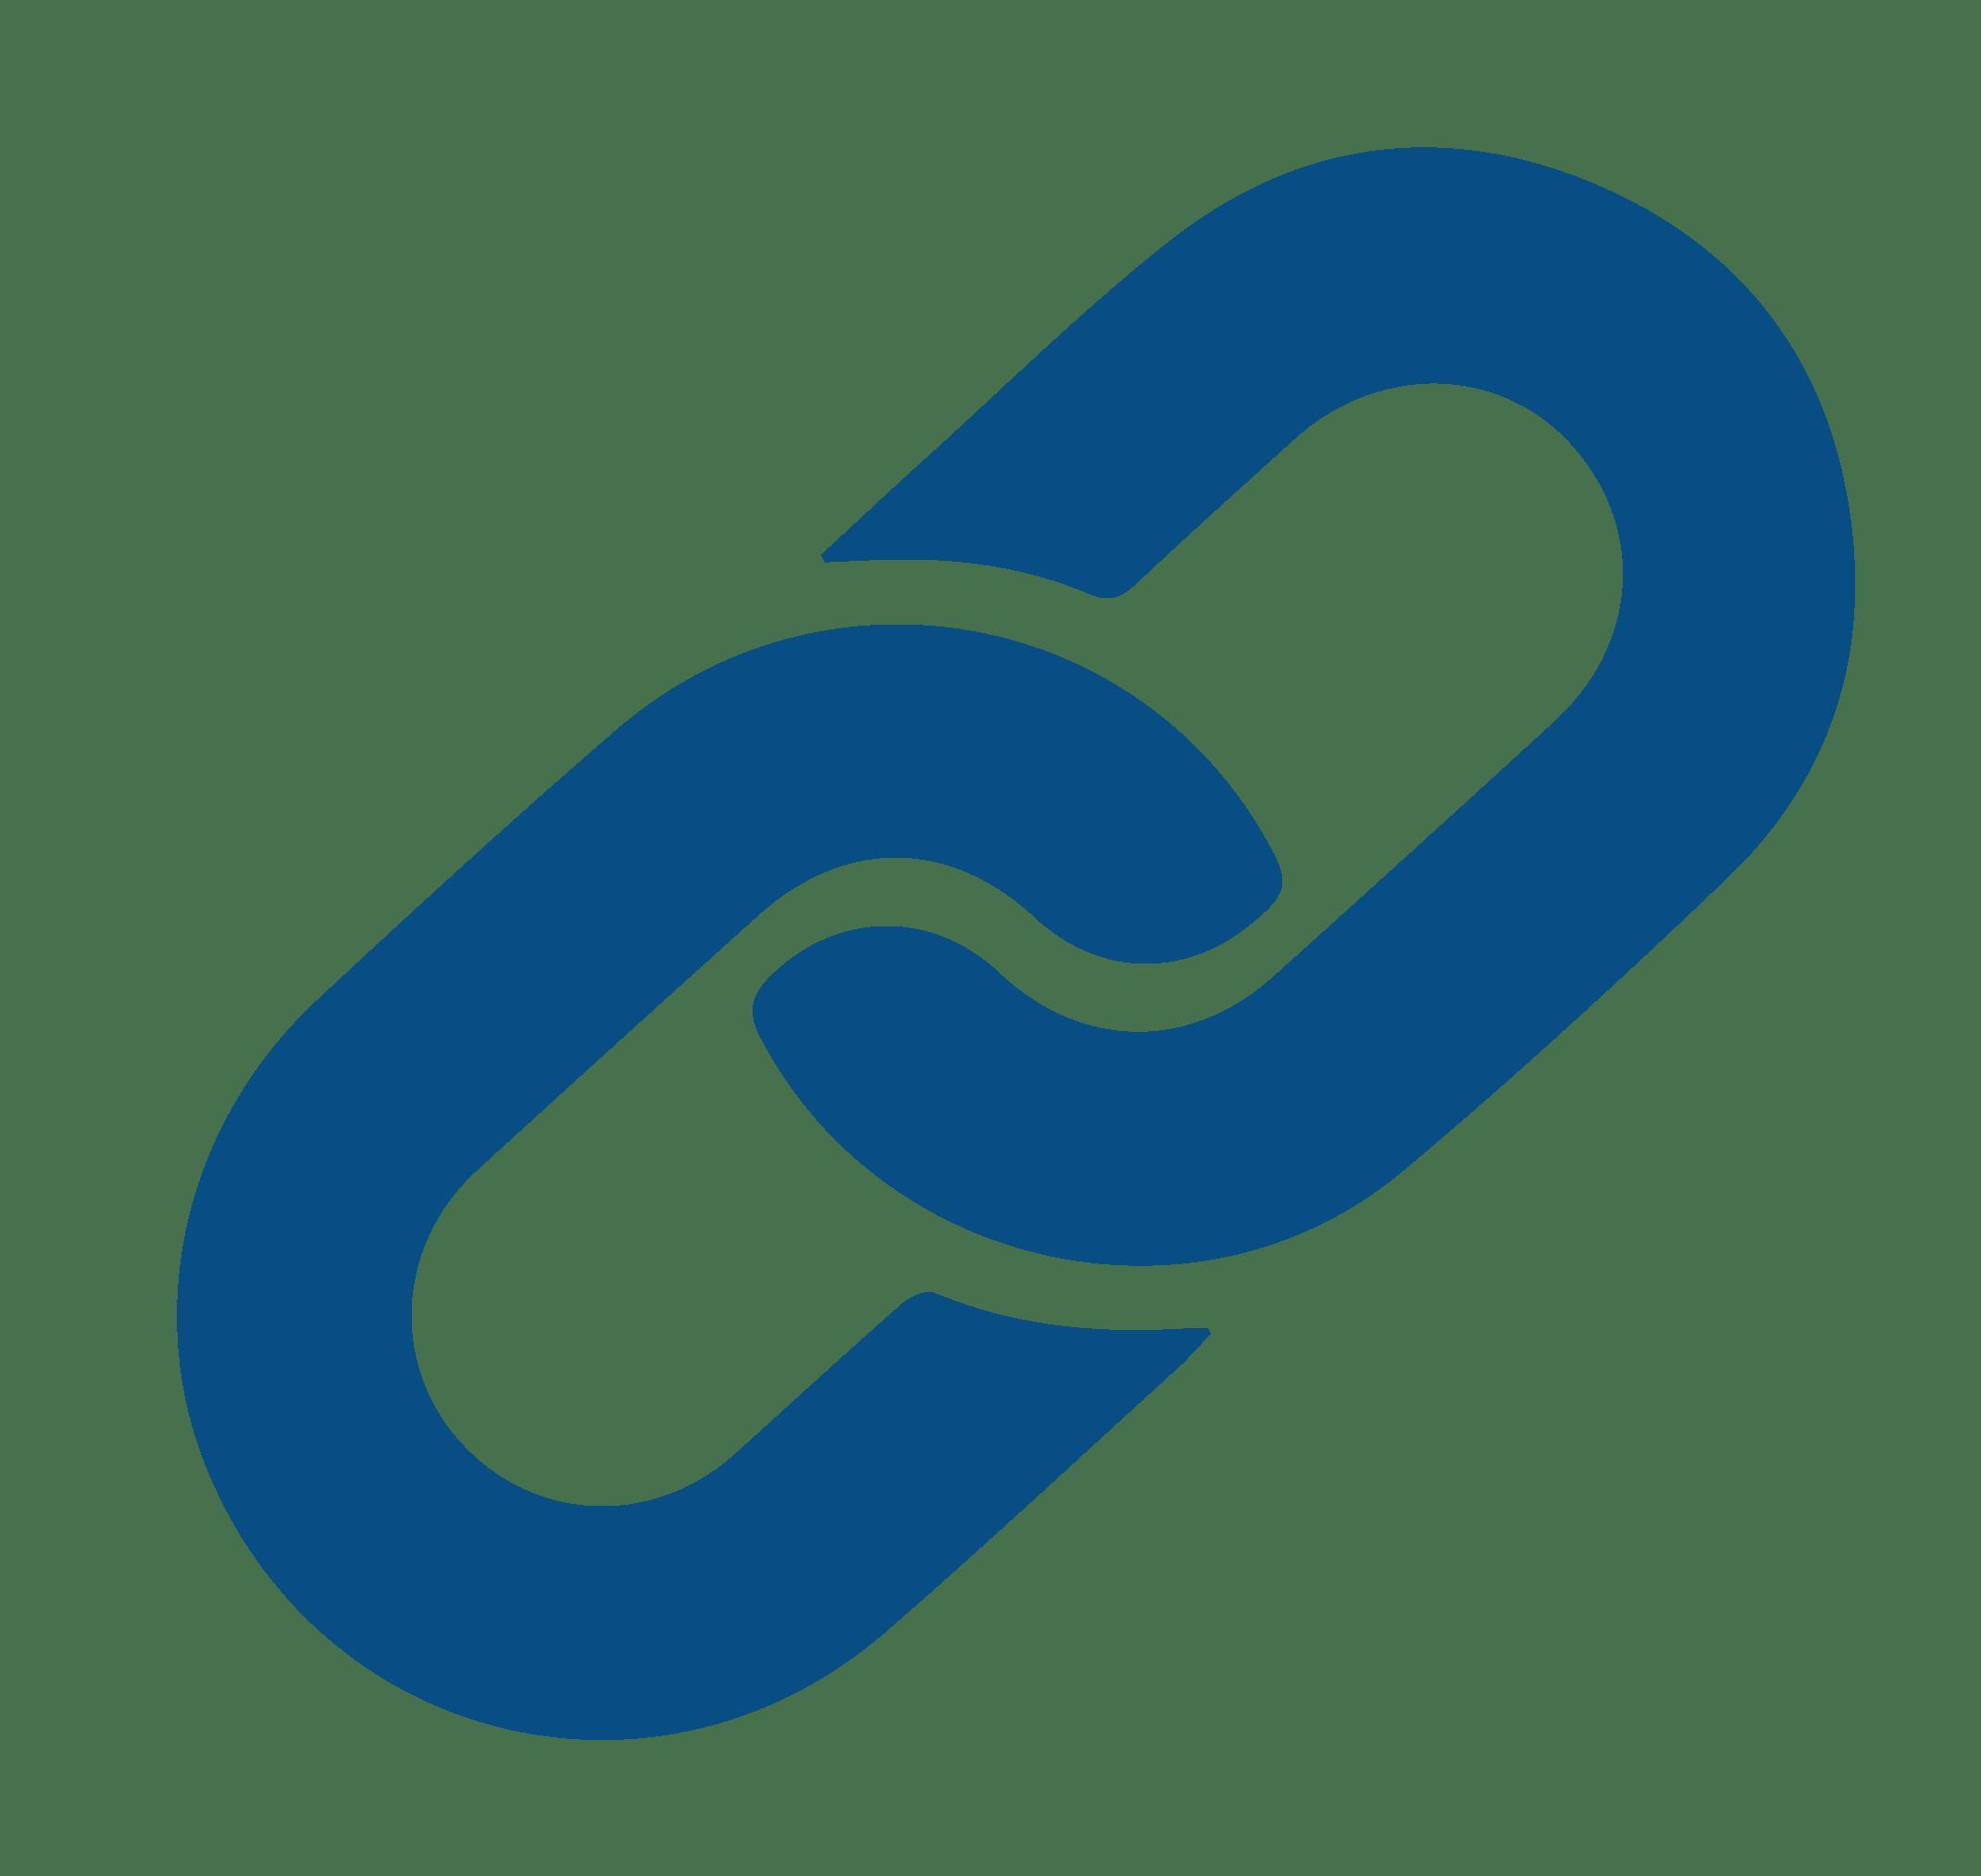 Icon ข้อดีรั้วตะแกรงเหล็กซิงค์อลู ผลิตจากลวดแรงดึงสูง